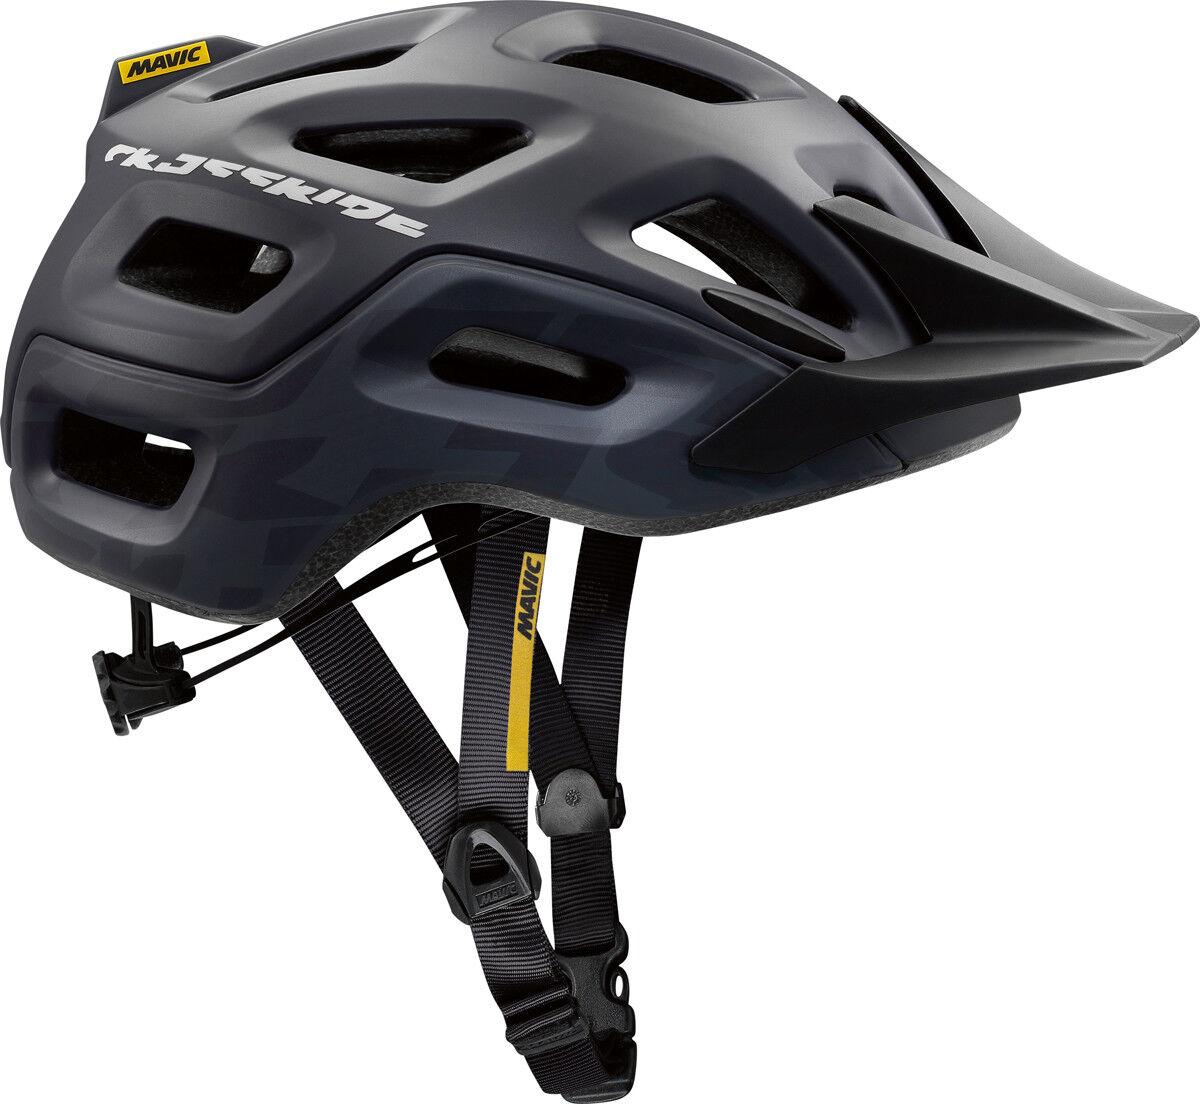 Mavic Crossride MTB Fahrrad Helm black 2018